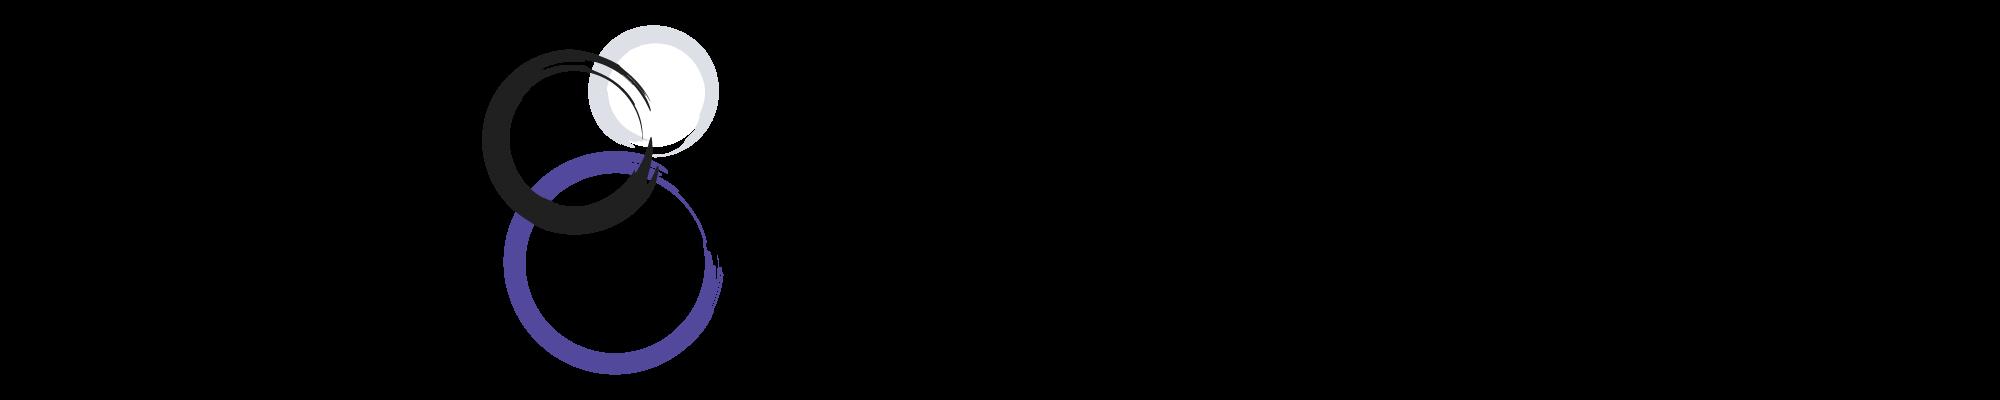 chữ introduction và 3 vòng tròn